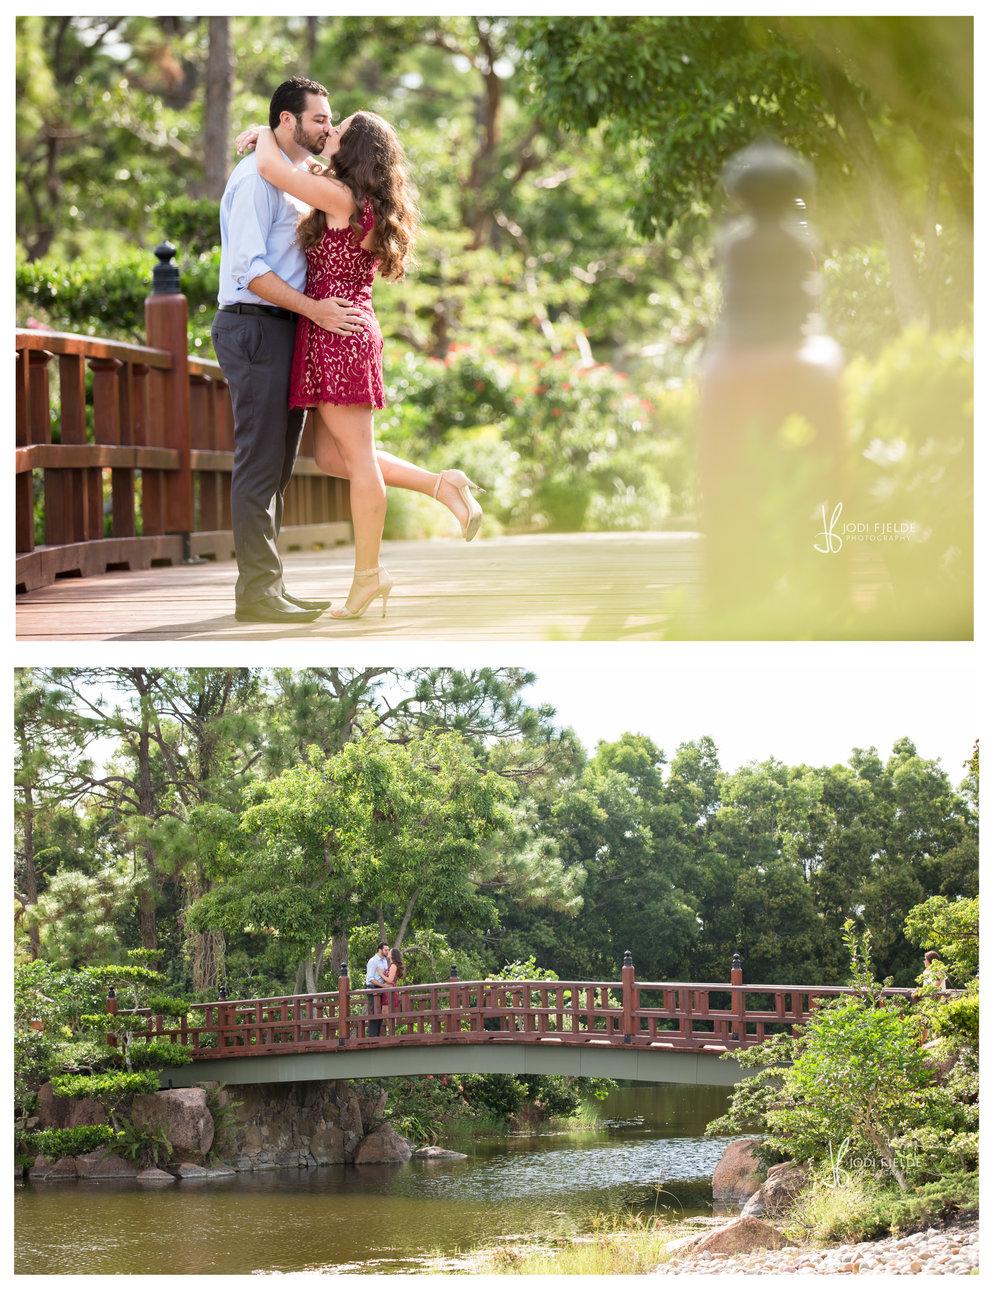 Morikami_Museum_Gardens_Delray_Beach_Engagement_Heather_and Doug_4.jpg